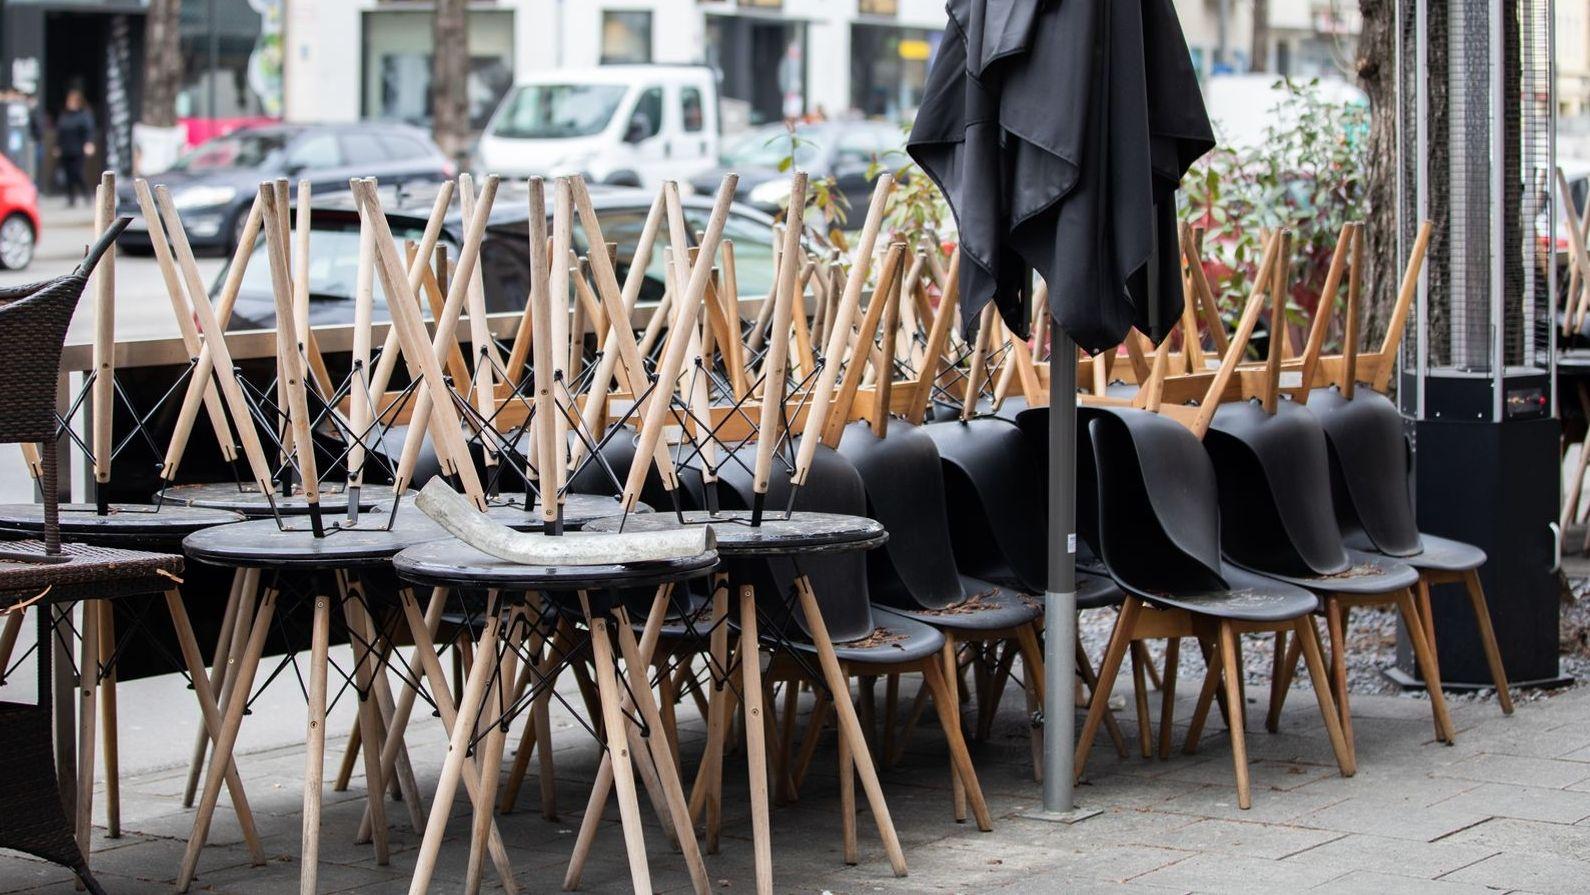 Stühle eines Lokals stehen draußen mit den Beinen nach oben aufeinander